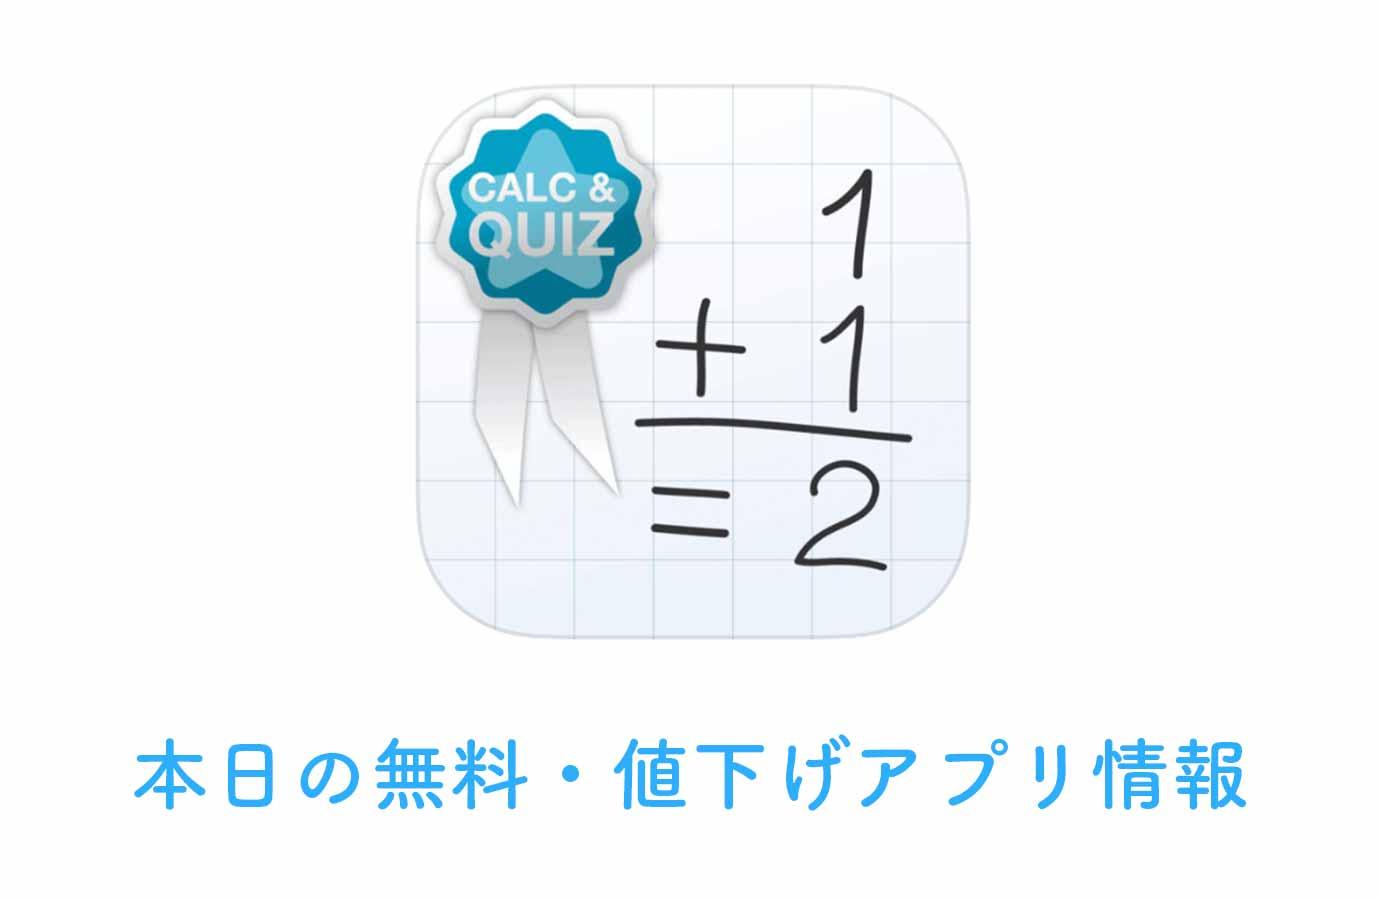 360円→無料、計算過程が確認できる電卓アプリ「Calculus doodlus」など【6/10】本日の無料・値下げアプリ情報